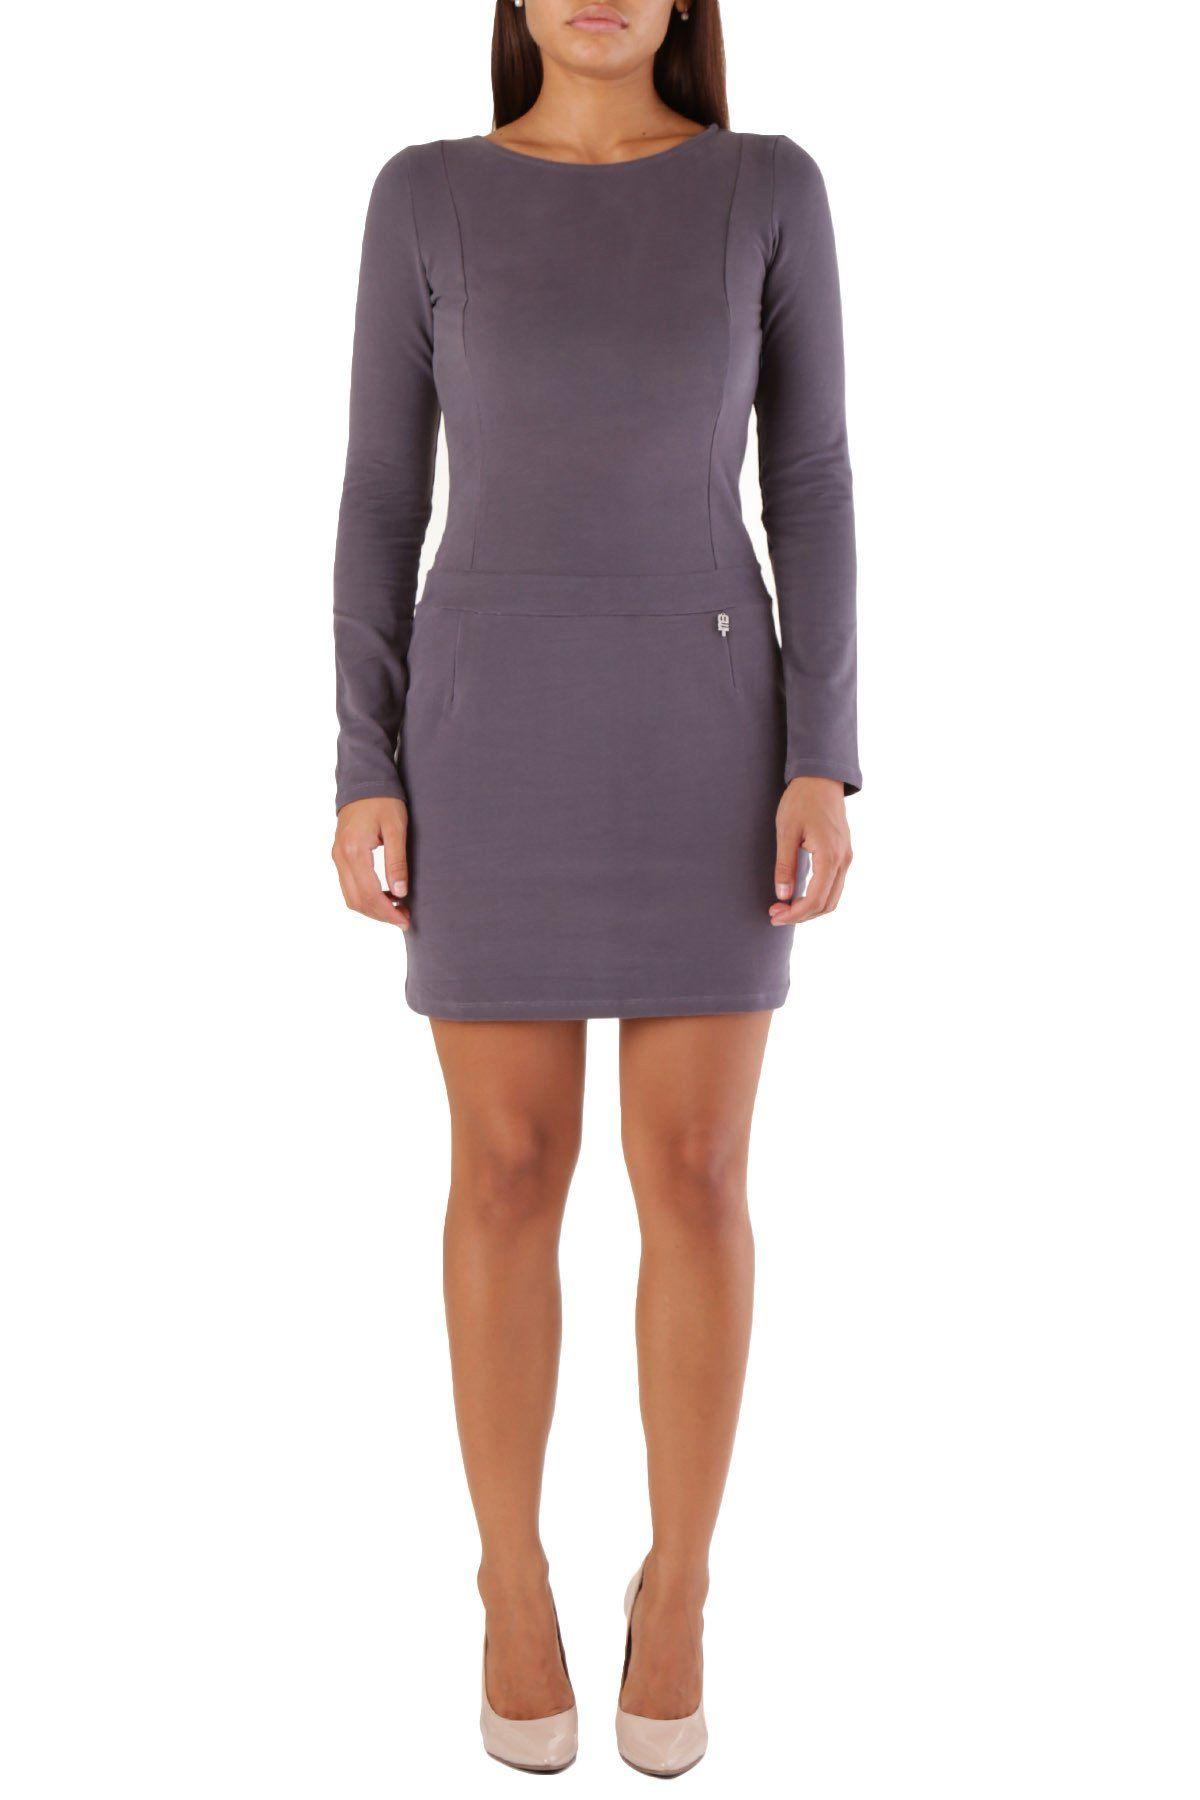 Met Women's Dress In Grey